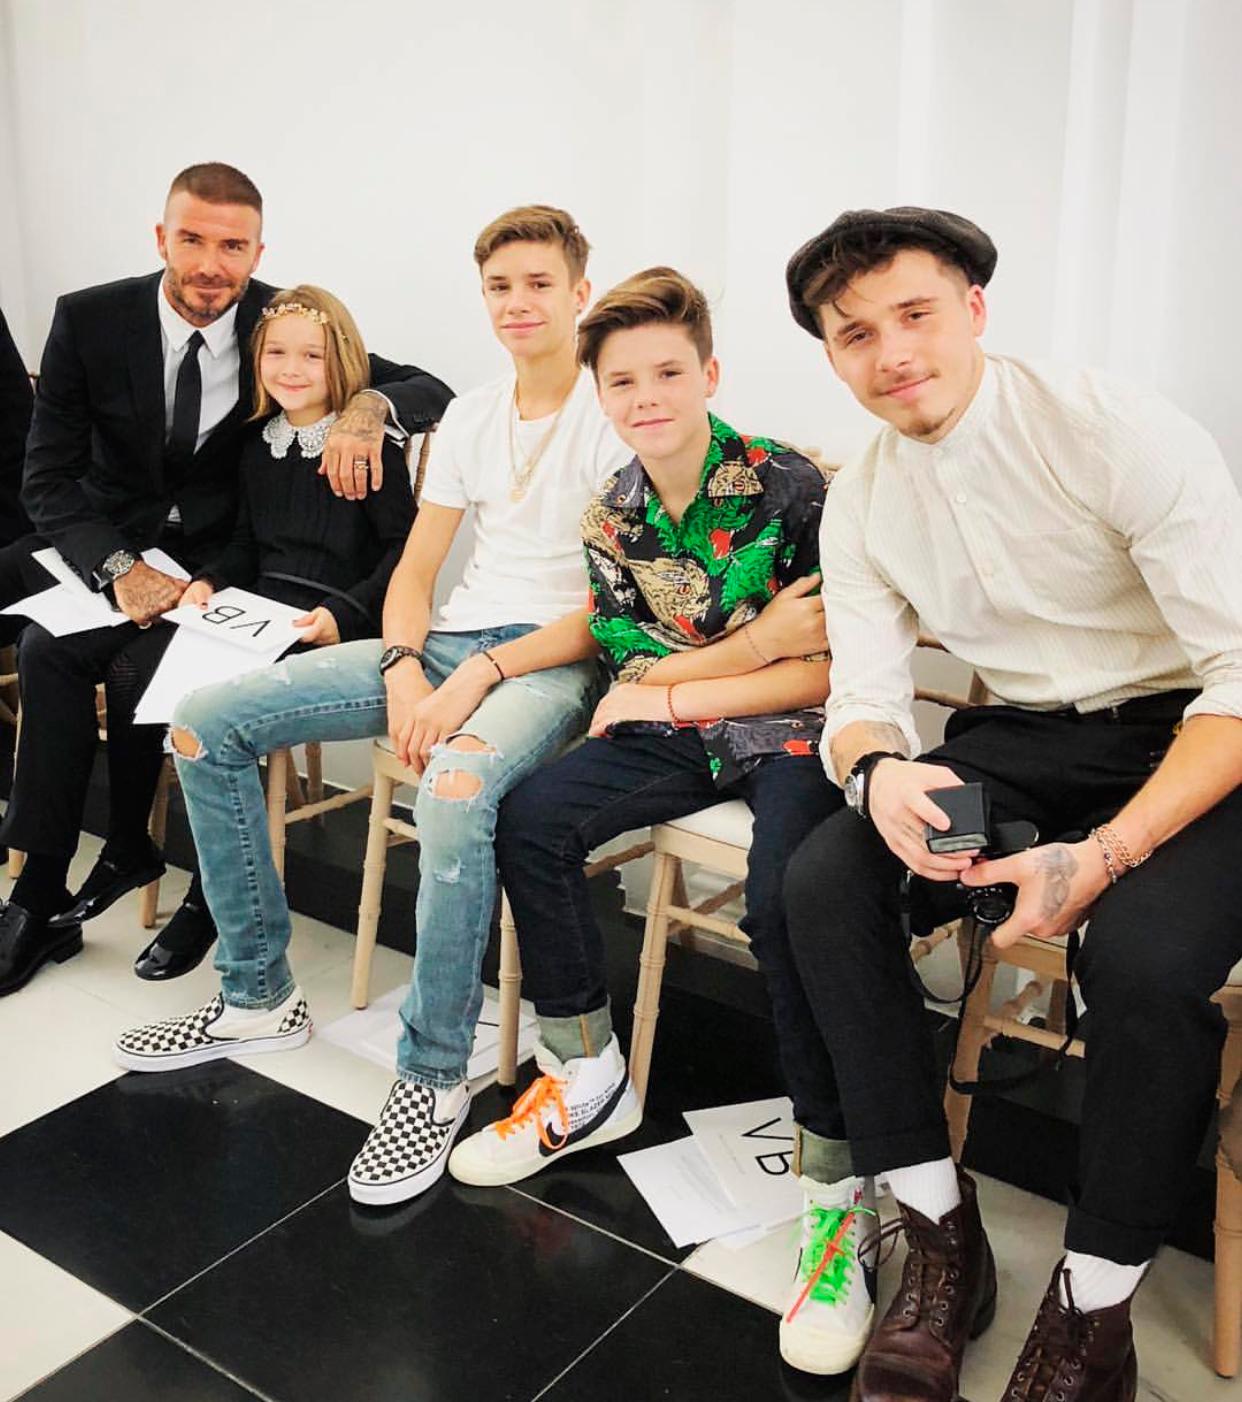 Família Beckham reunida em Londres - Foto: Reprodução/Instagram/@veryfilmi